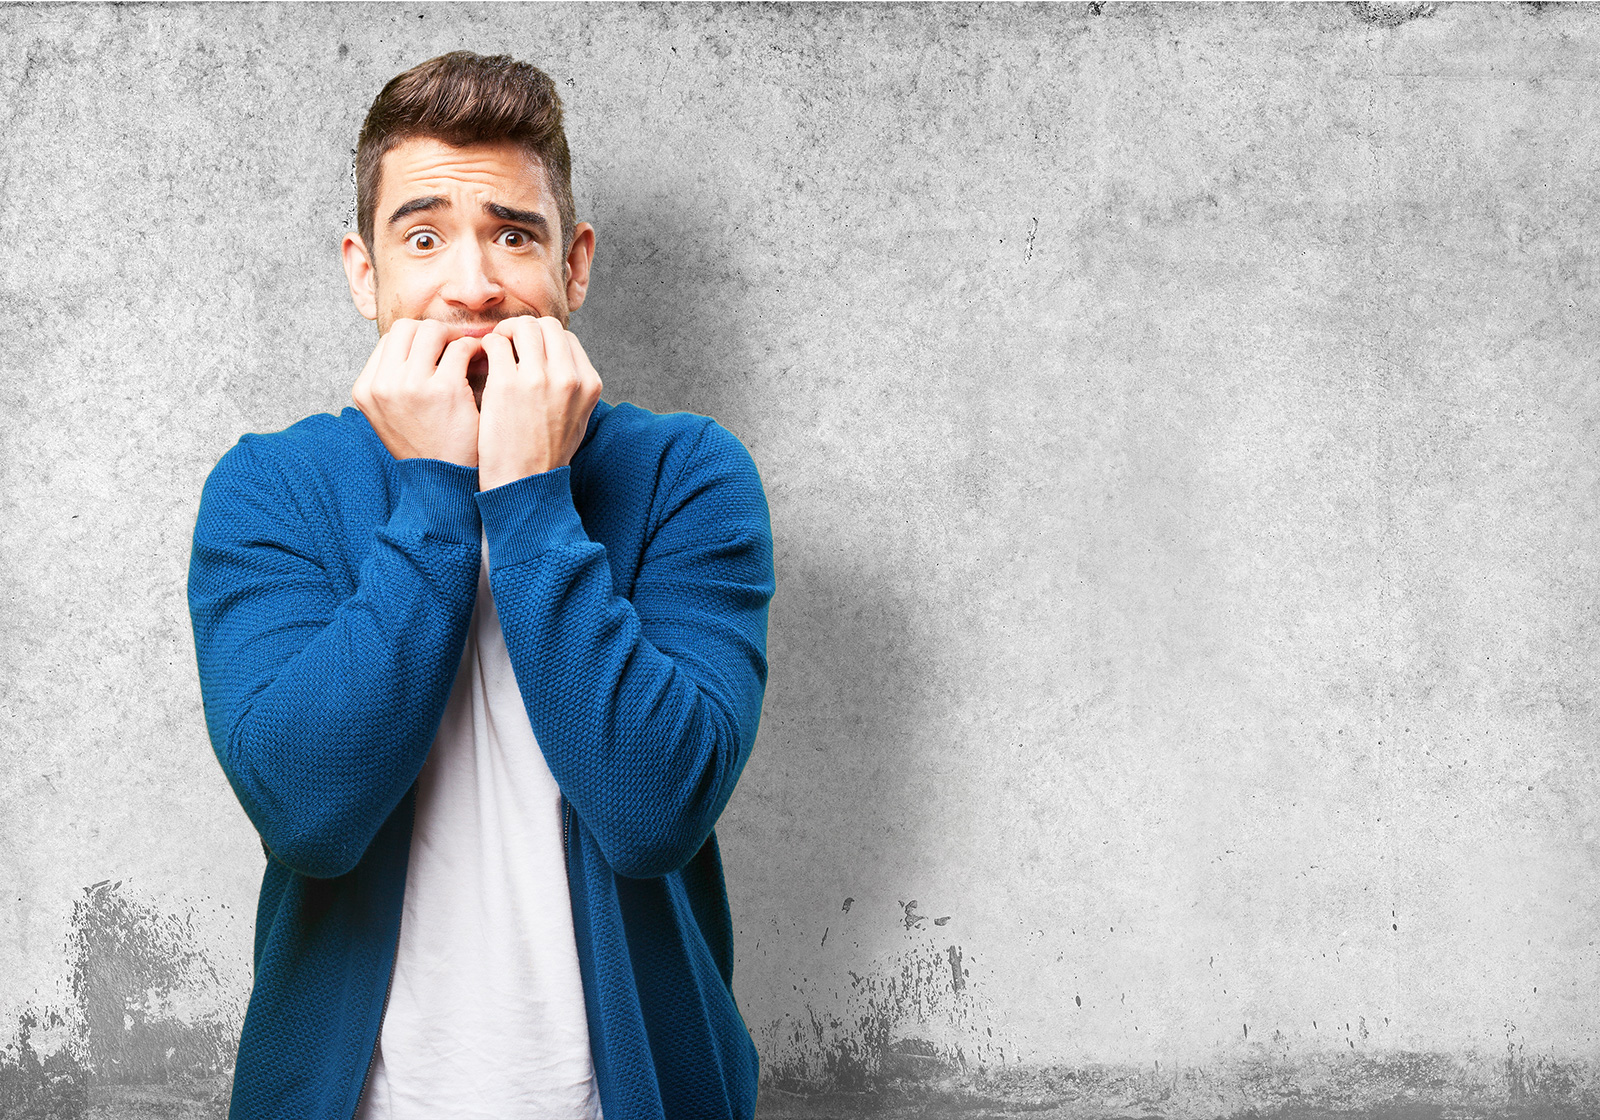 Cum recunoastem simptomele fizice ale depresiei?